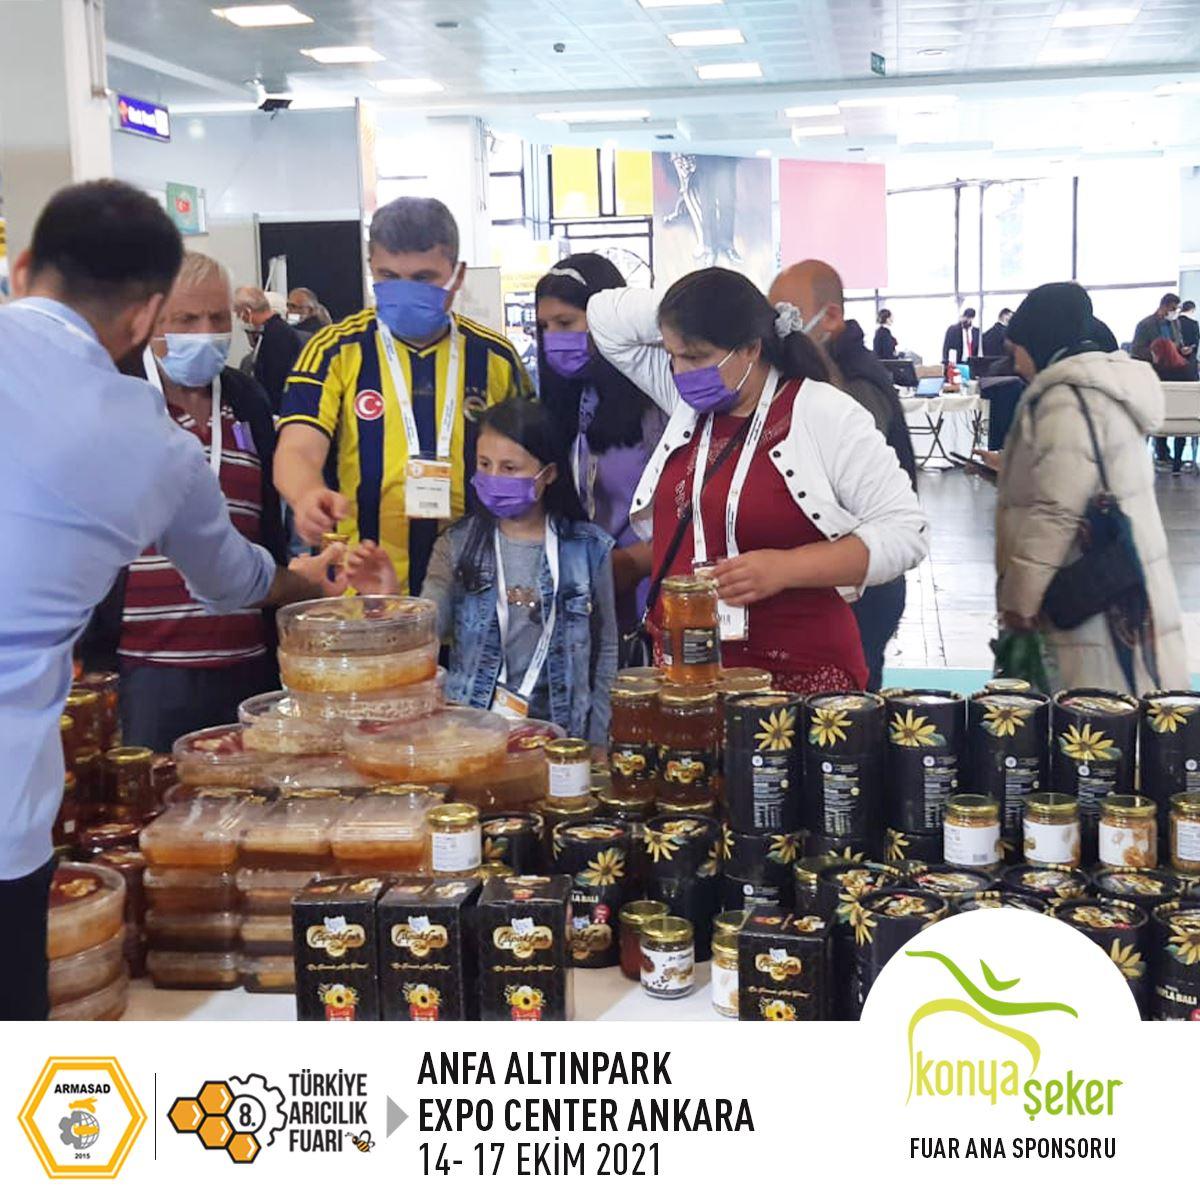 Armasad 8.Türkiye Arıcılık Fuarı 2021 ANKARA Altınpark fuar alanı